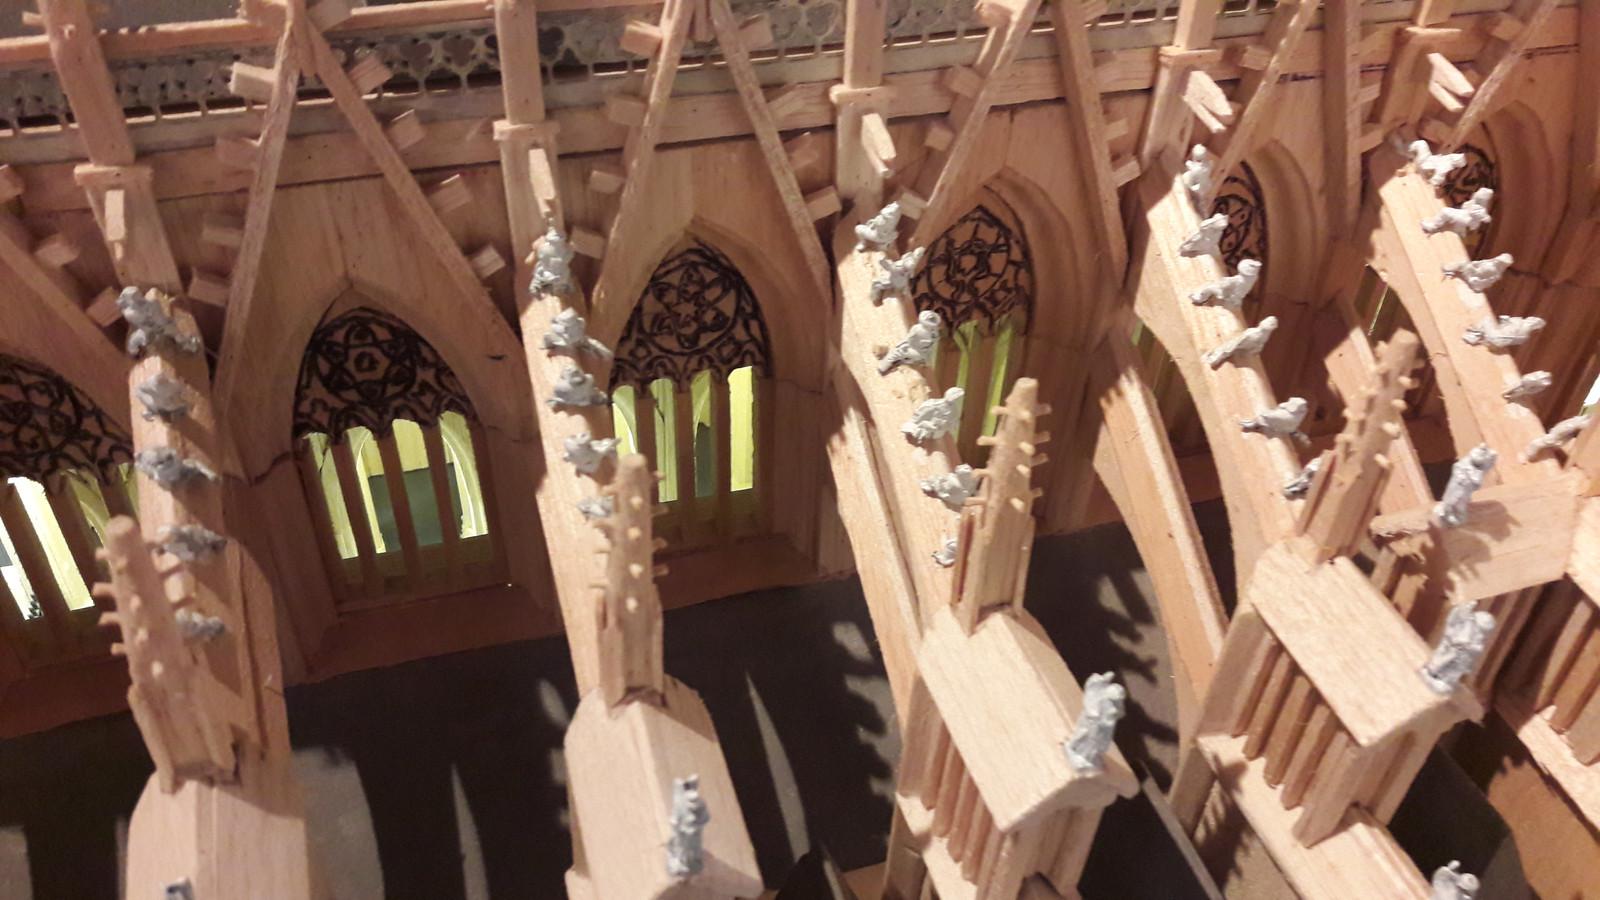 Schaalmodel van de Sint-Jan, gebouwd door Riny van Hassel. De maquette is vanaf maandag te zien in de bouwloods, het Sint-Jansmuseum